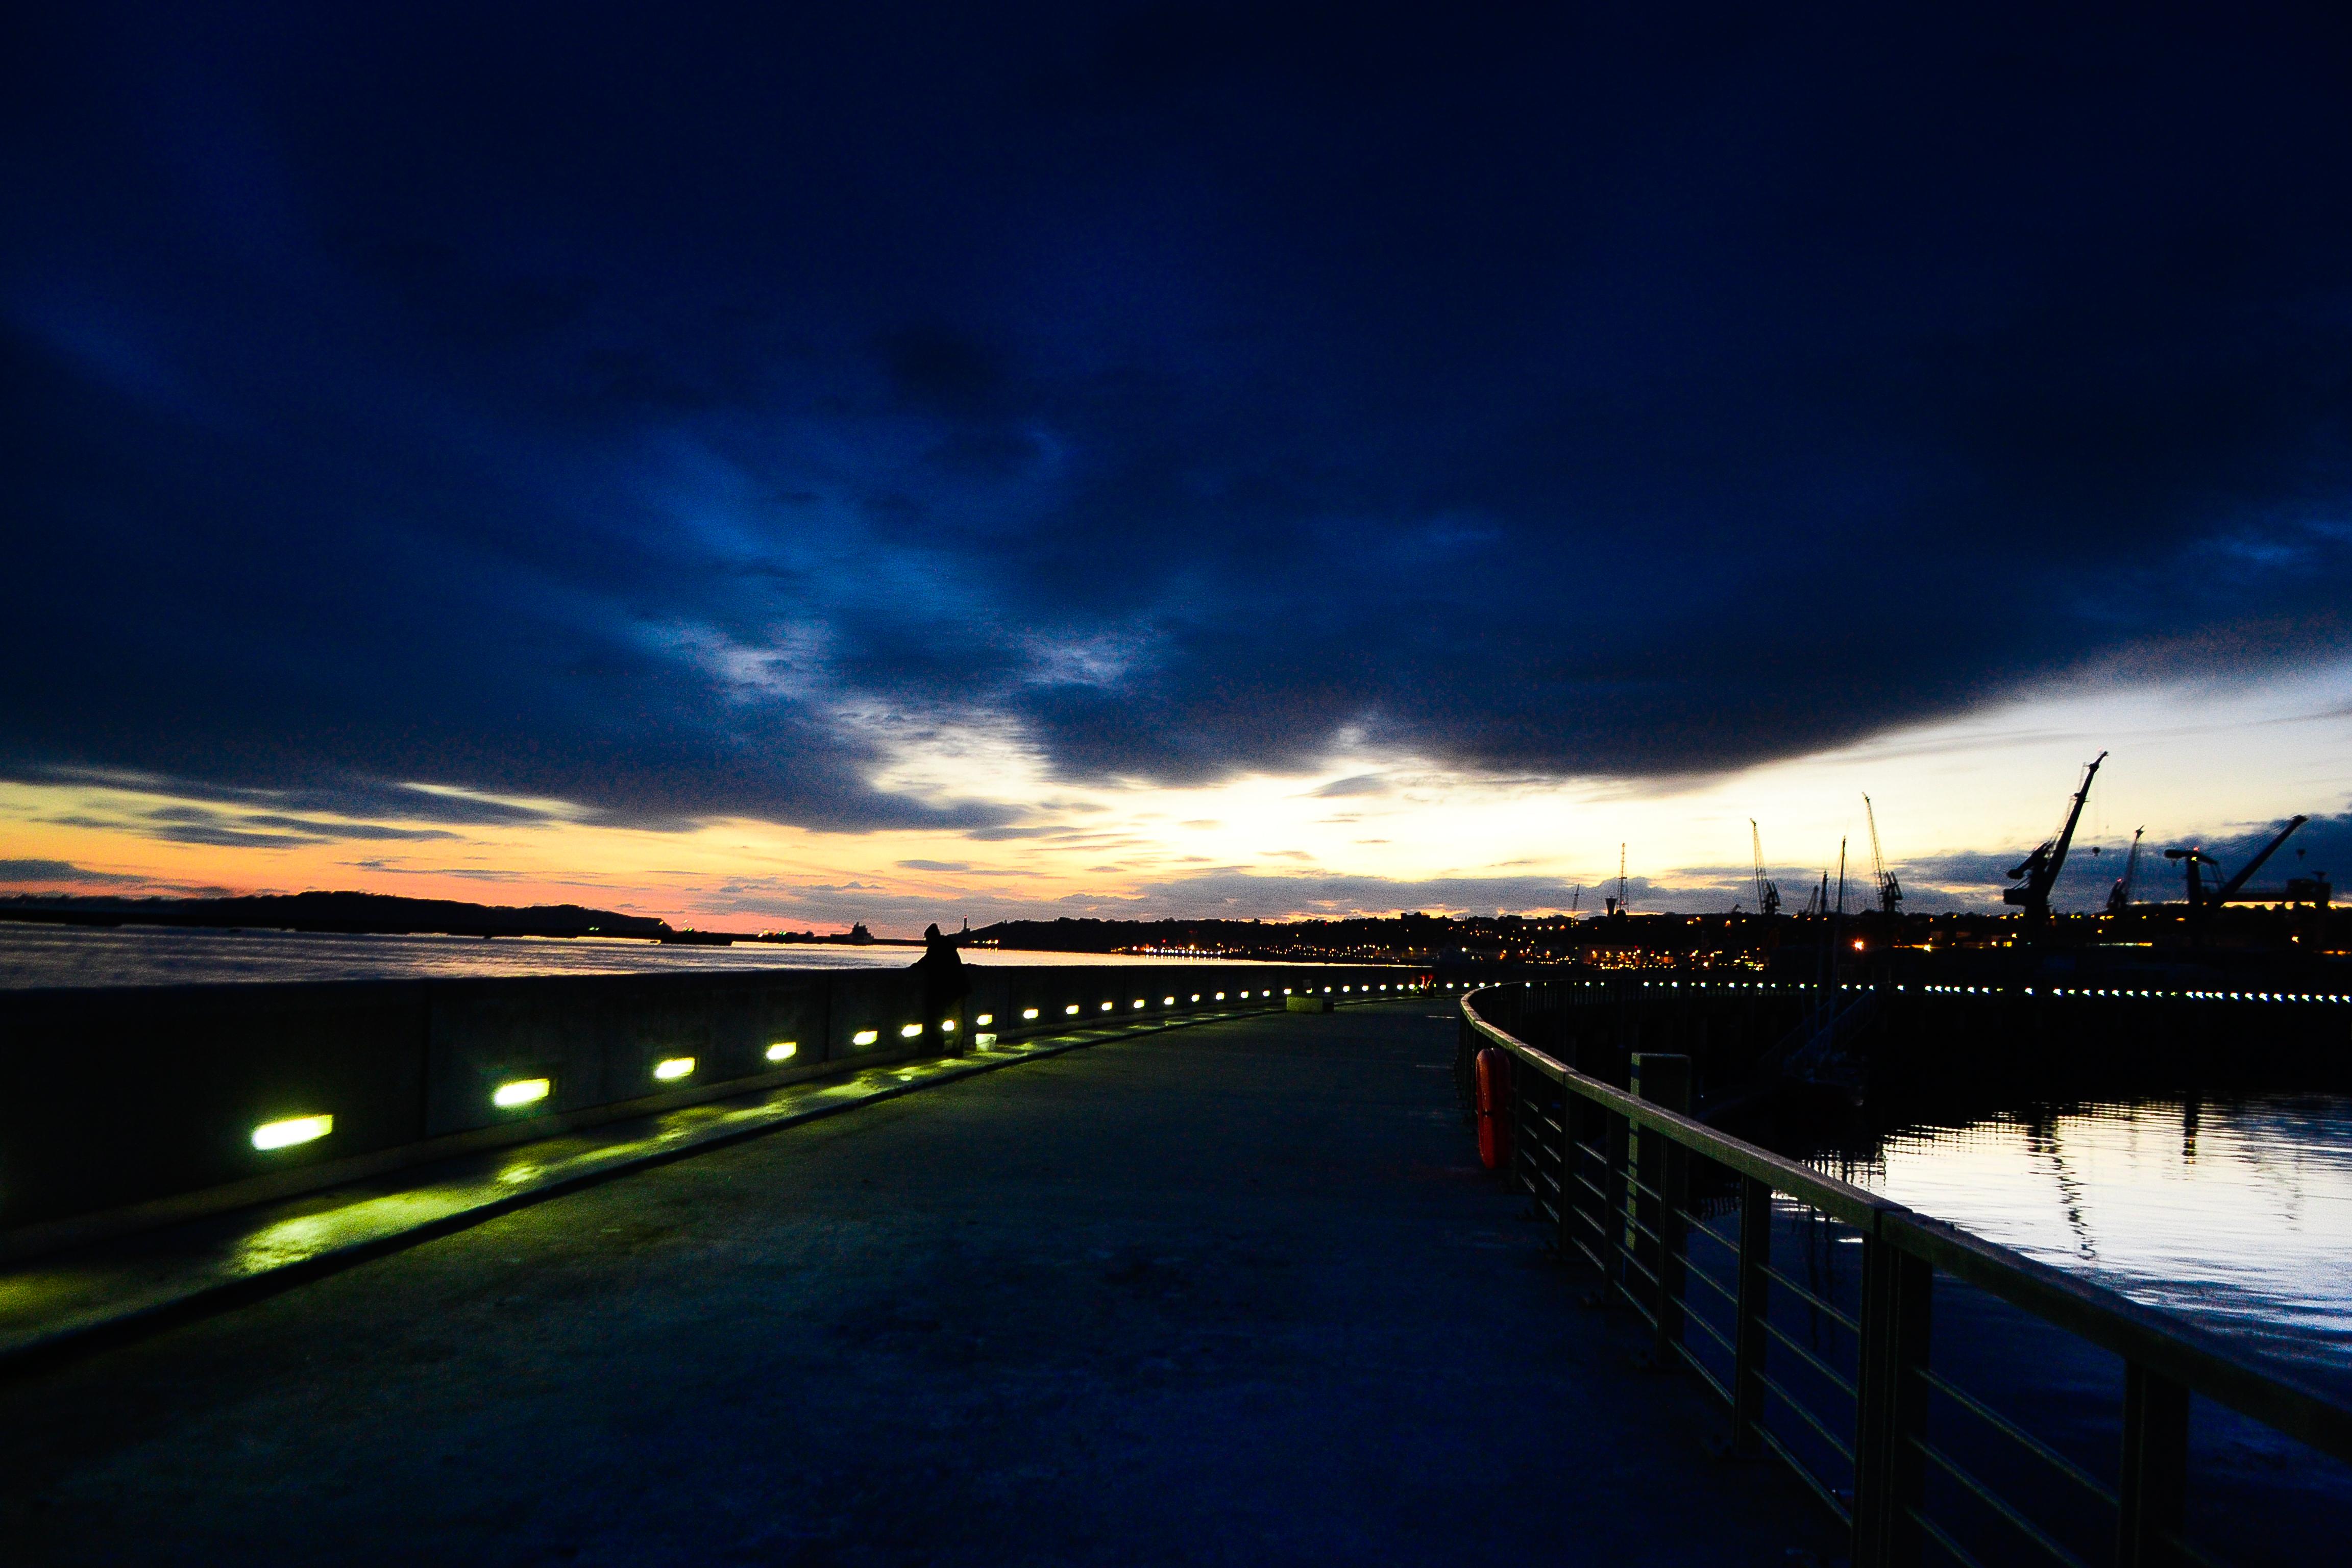 Gouesnou france sunrise sunset times - Port de la tenue militaire en retraite ...